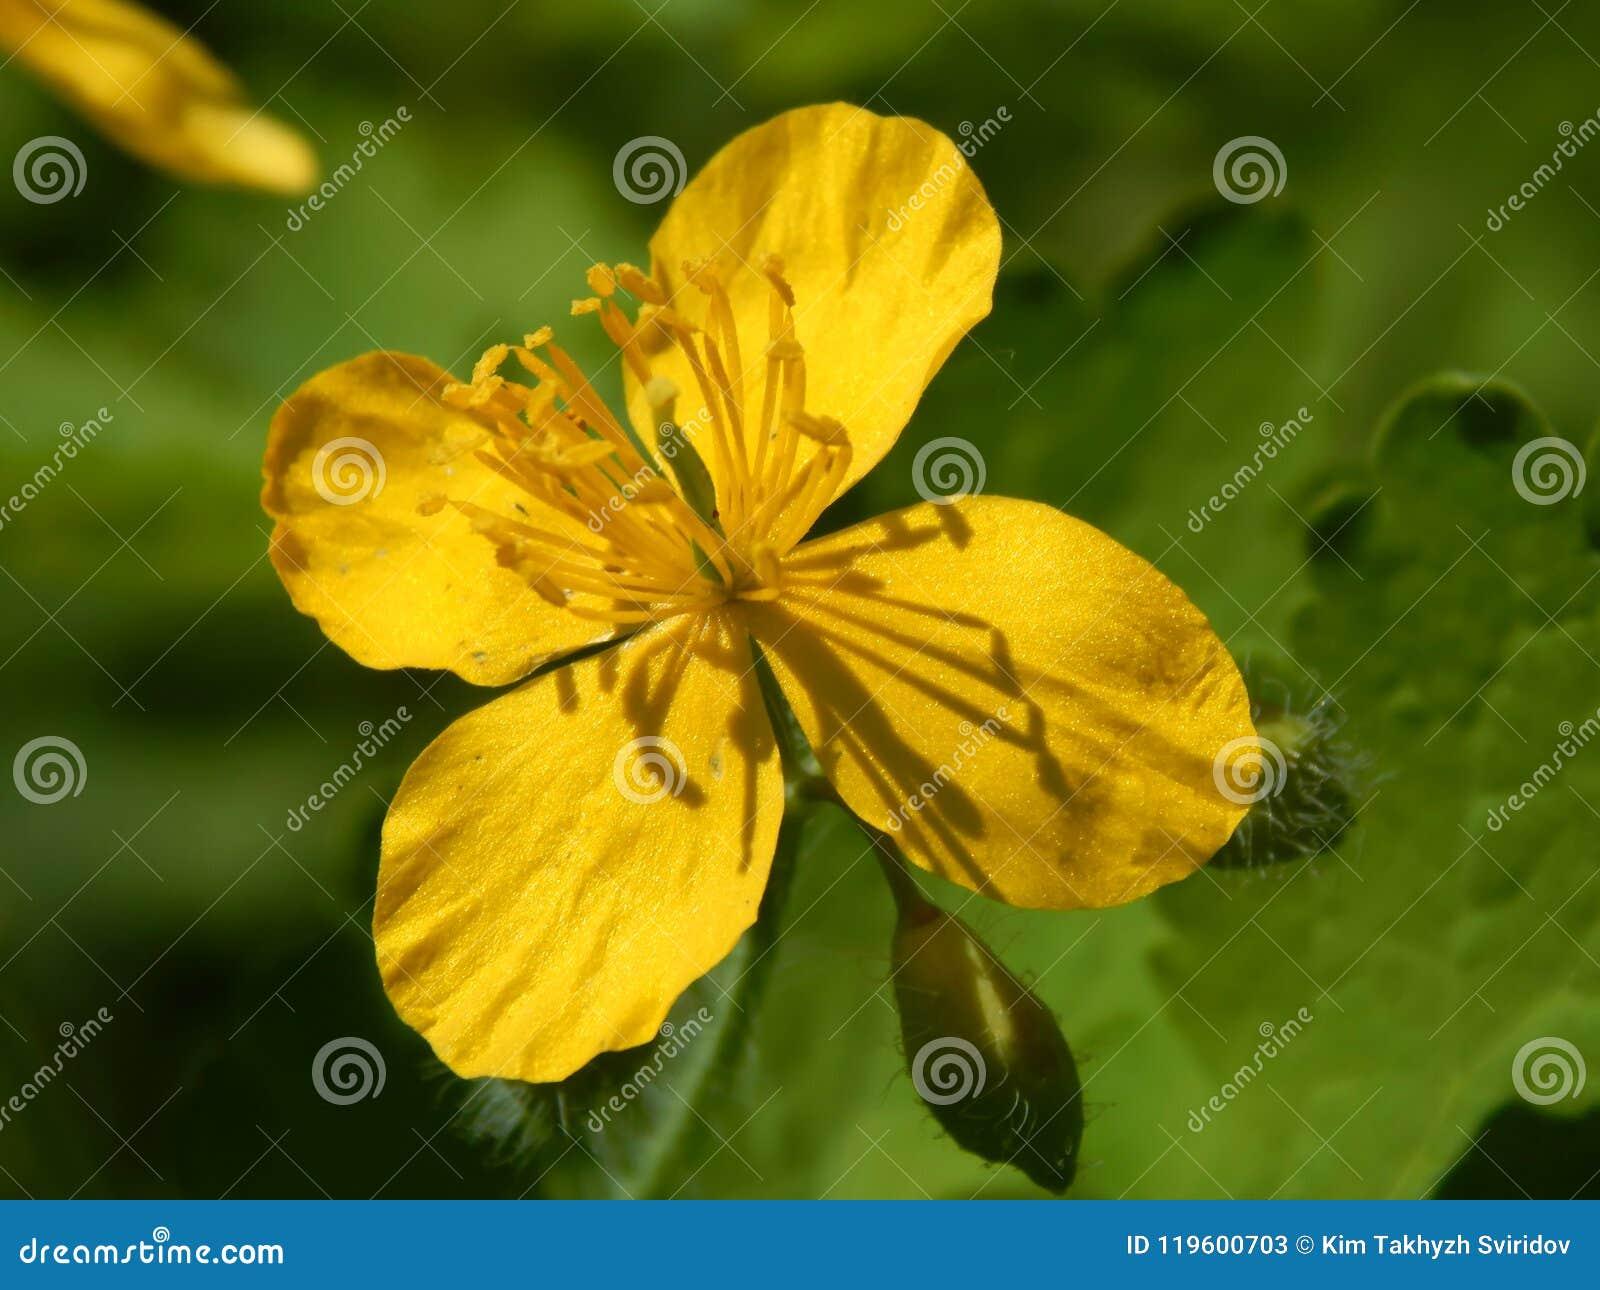 Las Flores Amarillas De Plantas Medicinales Son Celandine Imagen De